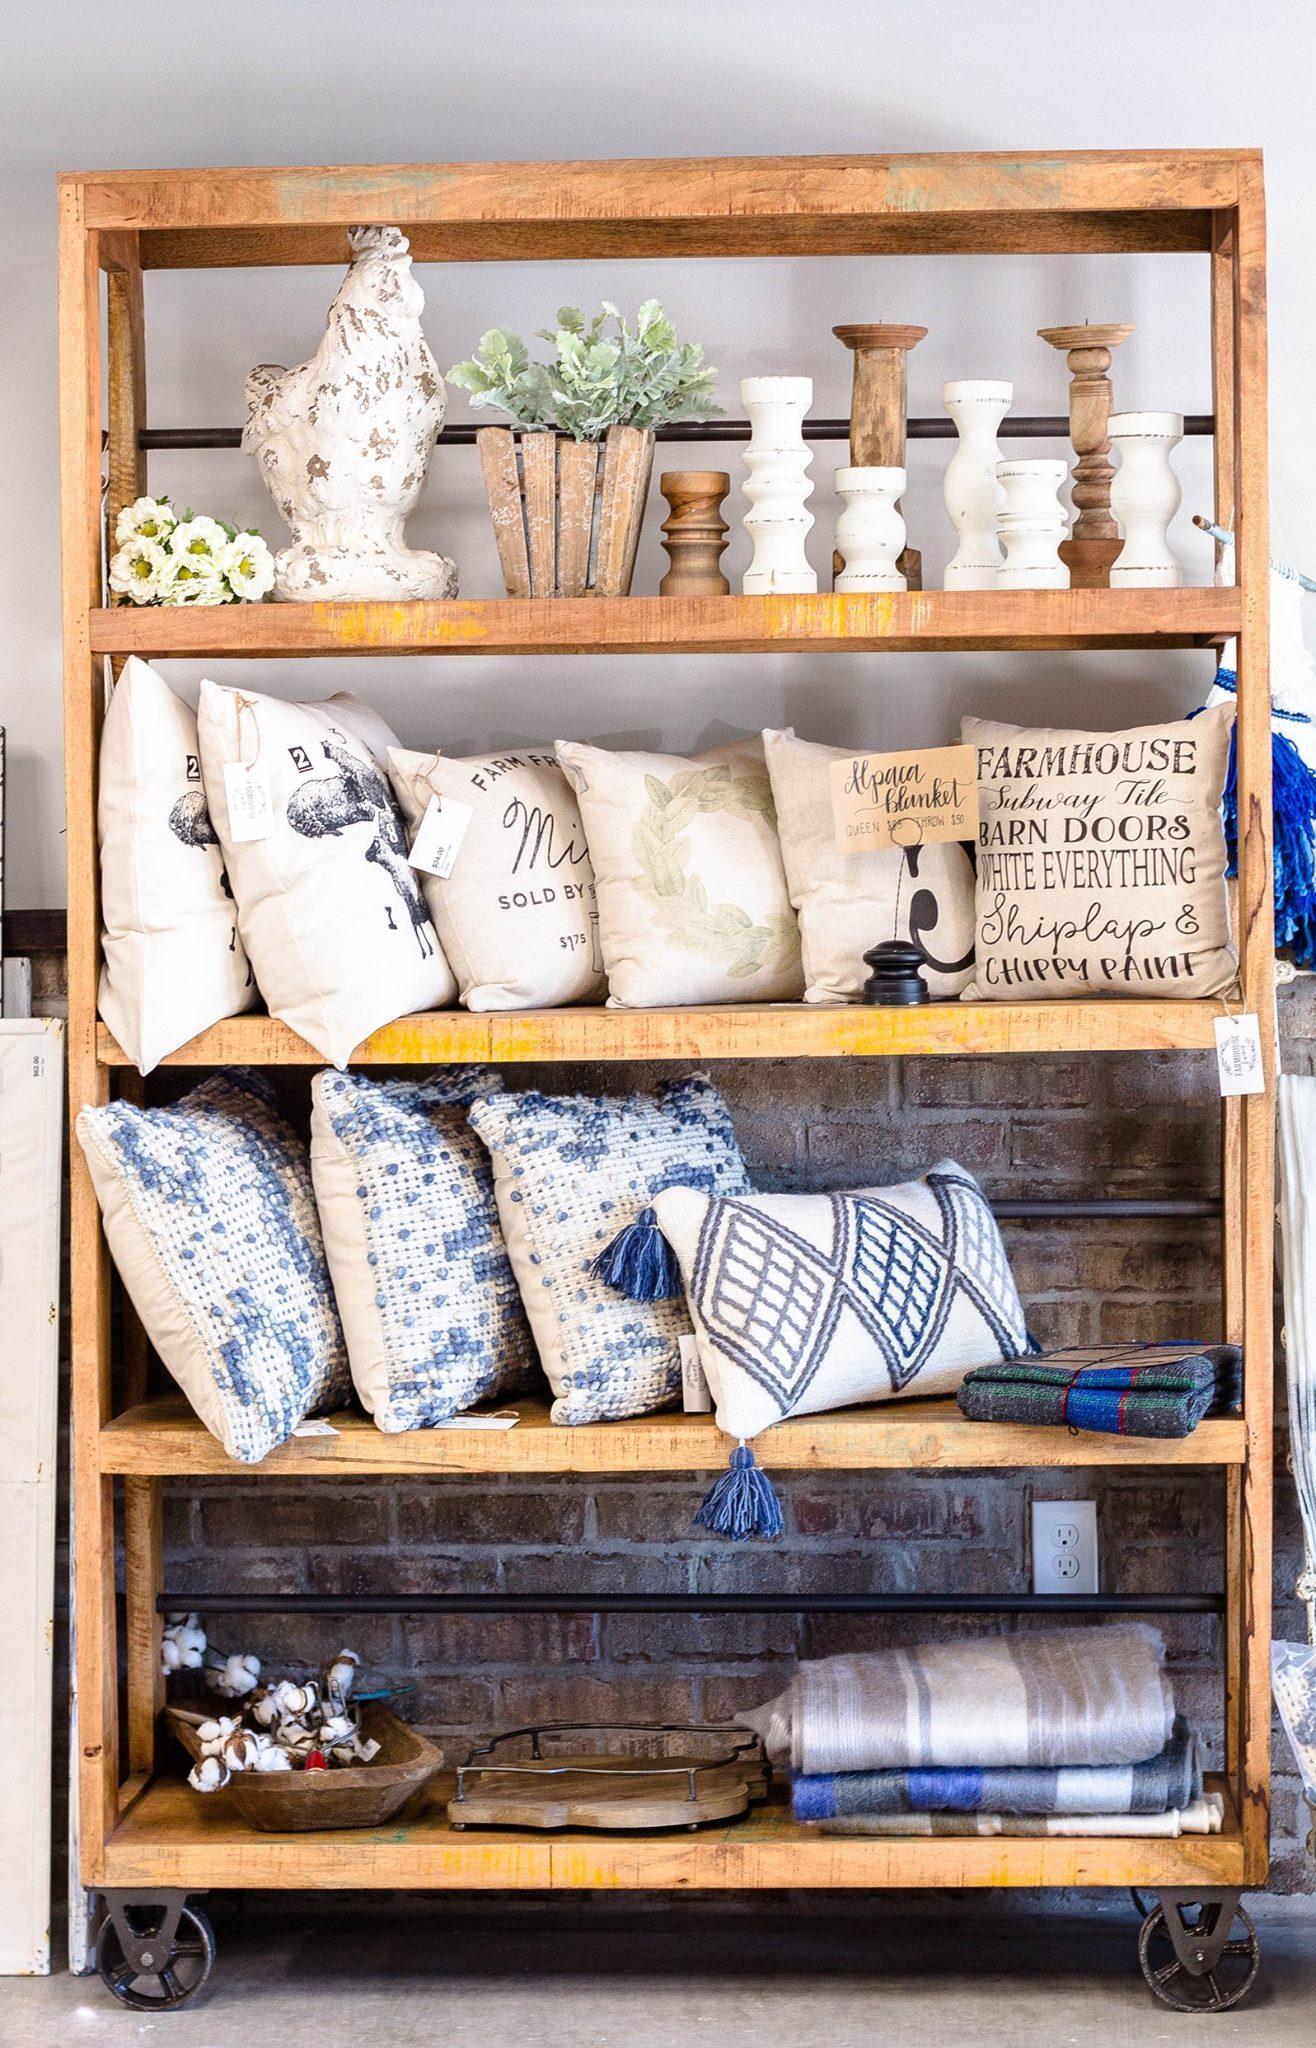 Farmhouse_Living_Storefront_10.jpg